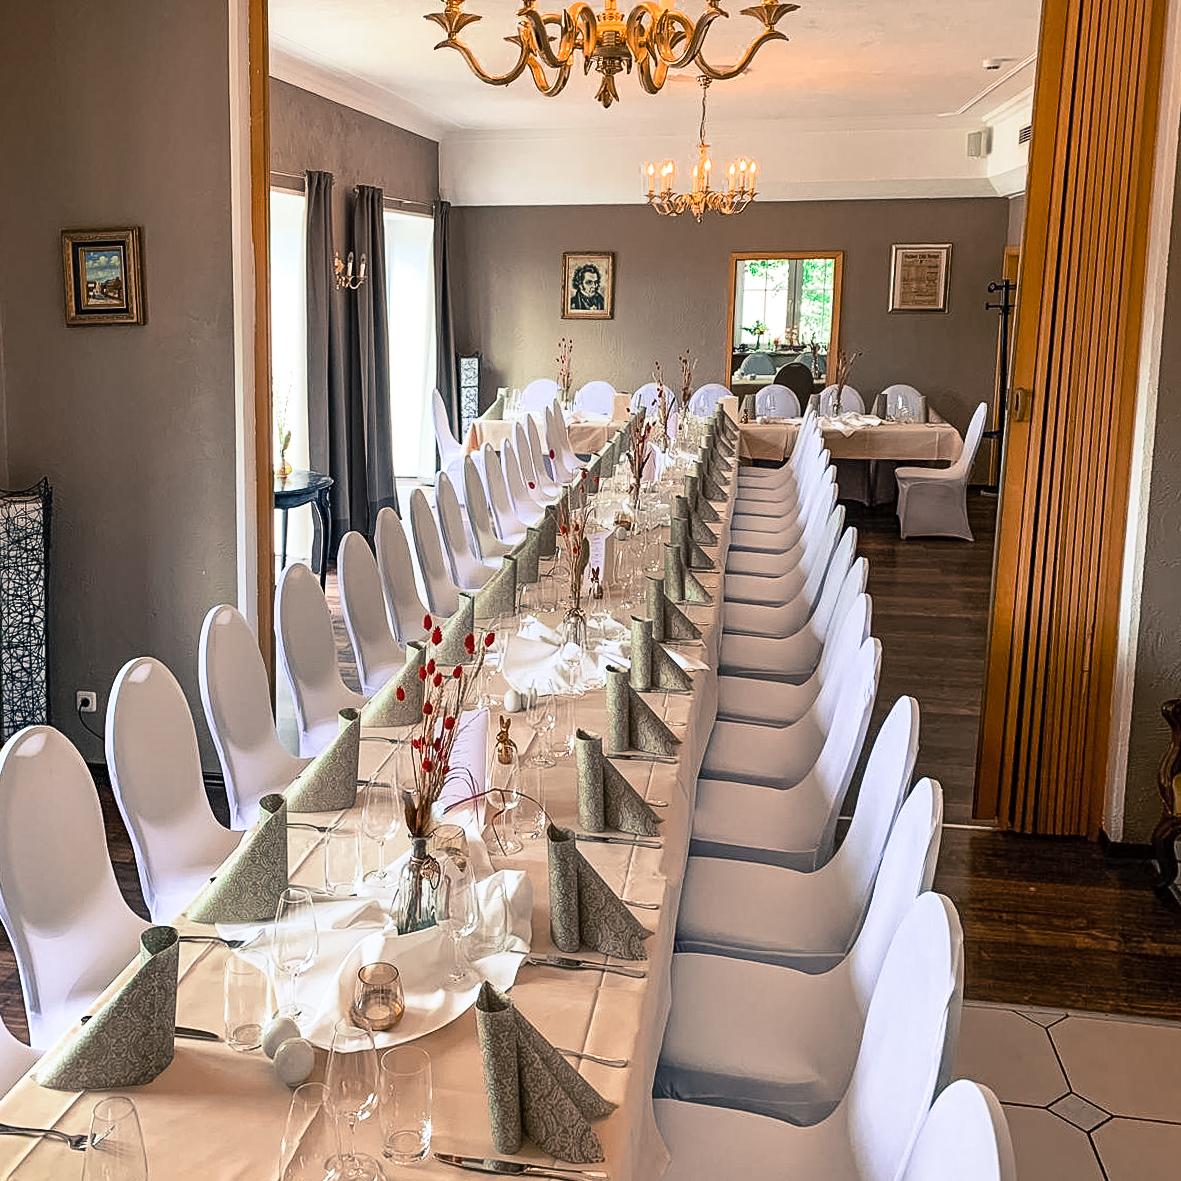 gastro raeume inspiration strandhotel vier jahreszeiten ort buckow restaurant e